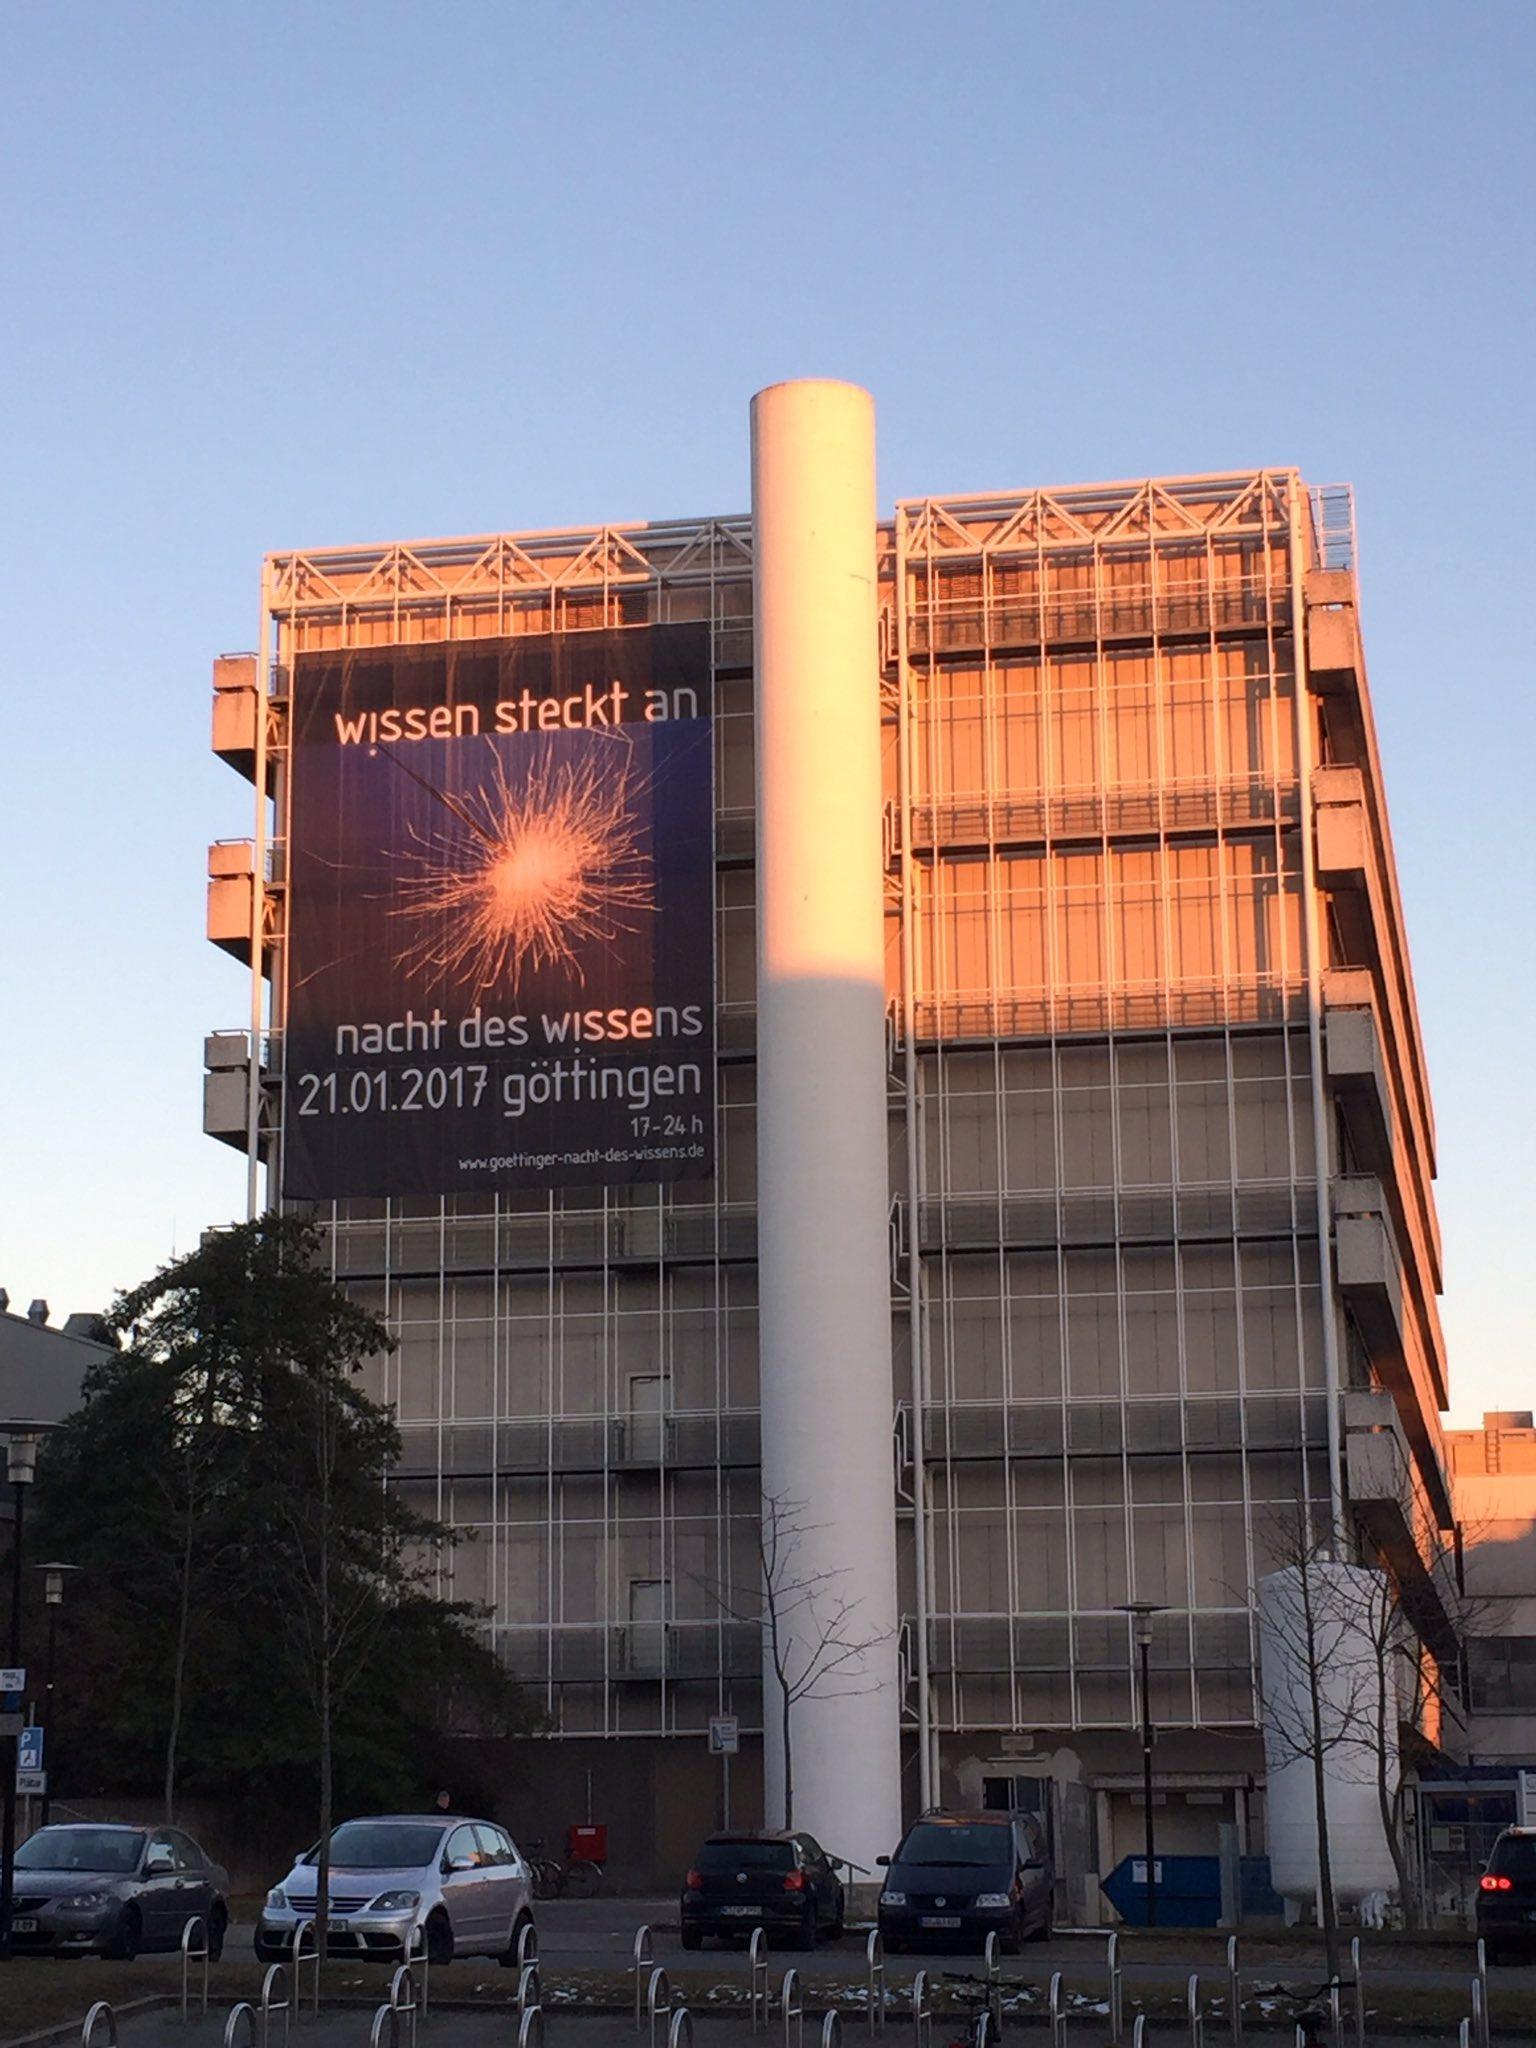 Der Nordcampus ist auf die Nacht des Wissens in Göttingen vorbereitet #ndwgoe https://t.co/OywP9chkFu